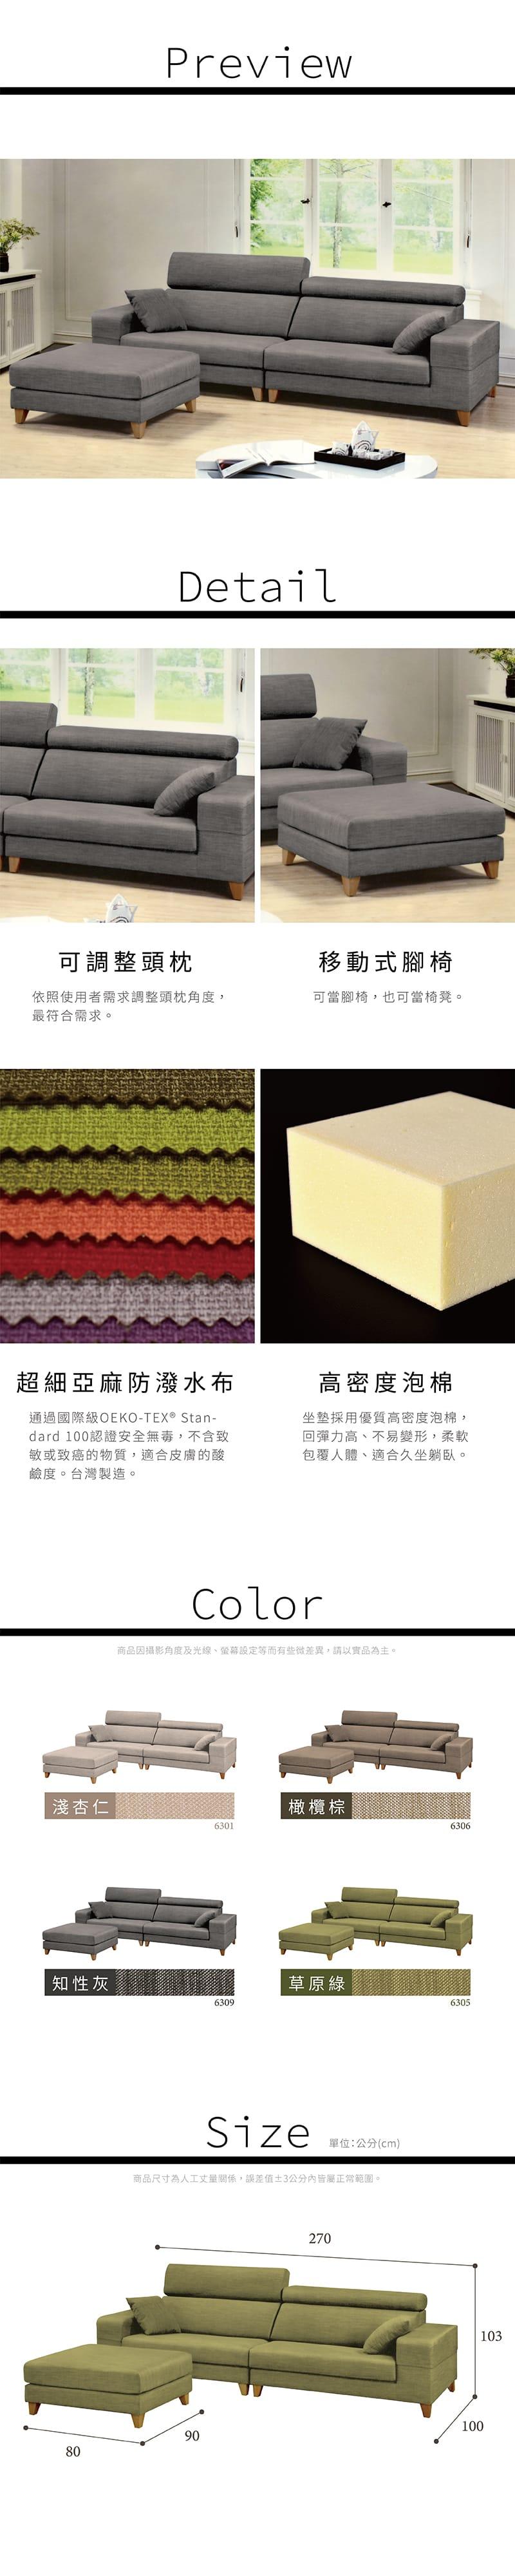 布L型沙發(4色可選)【里斯本】